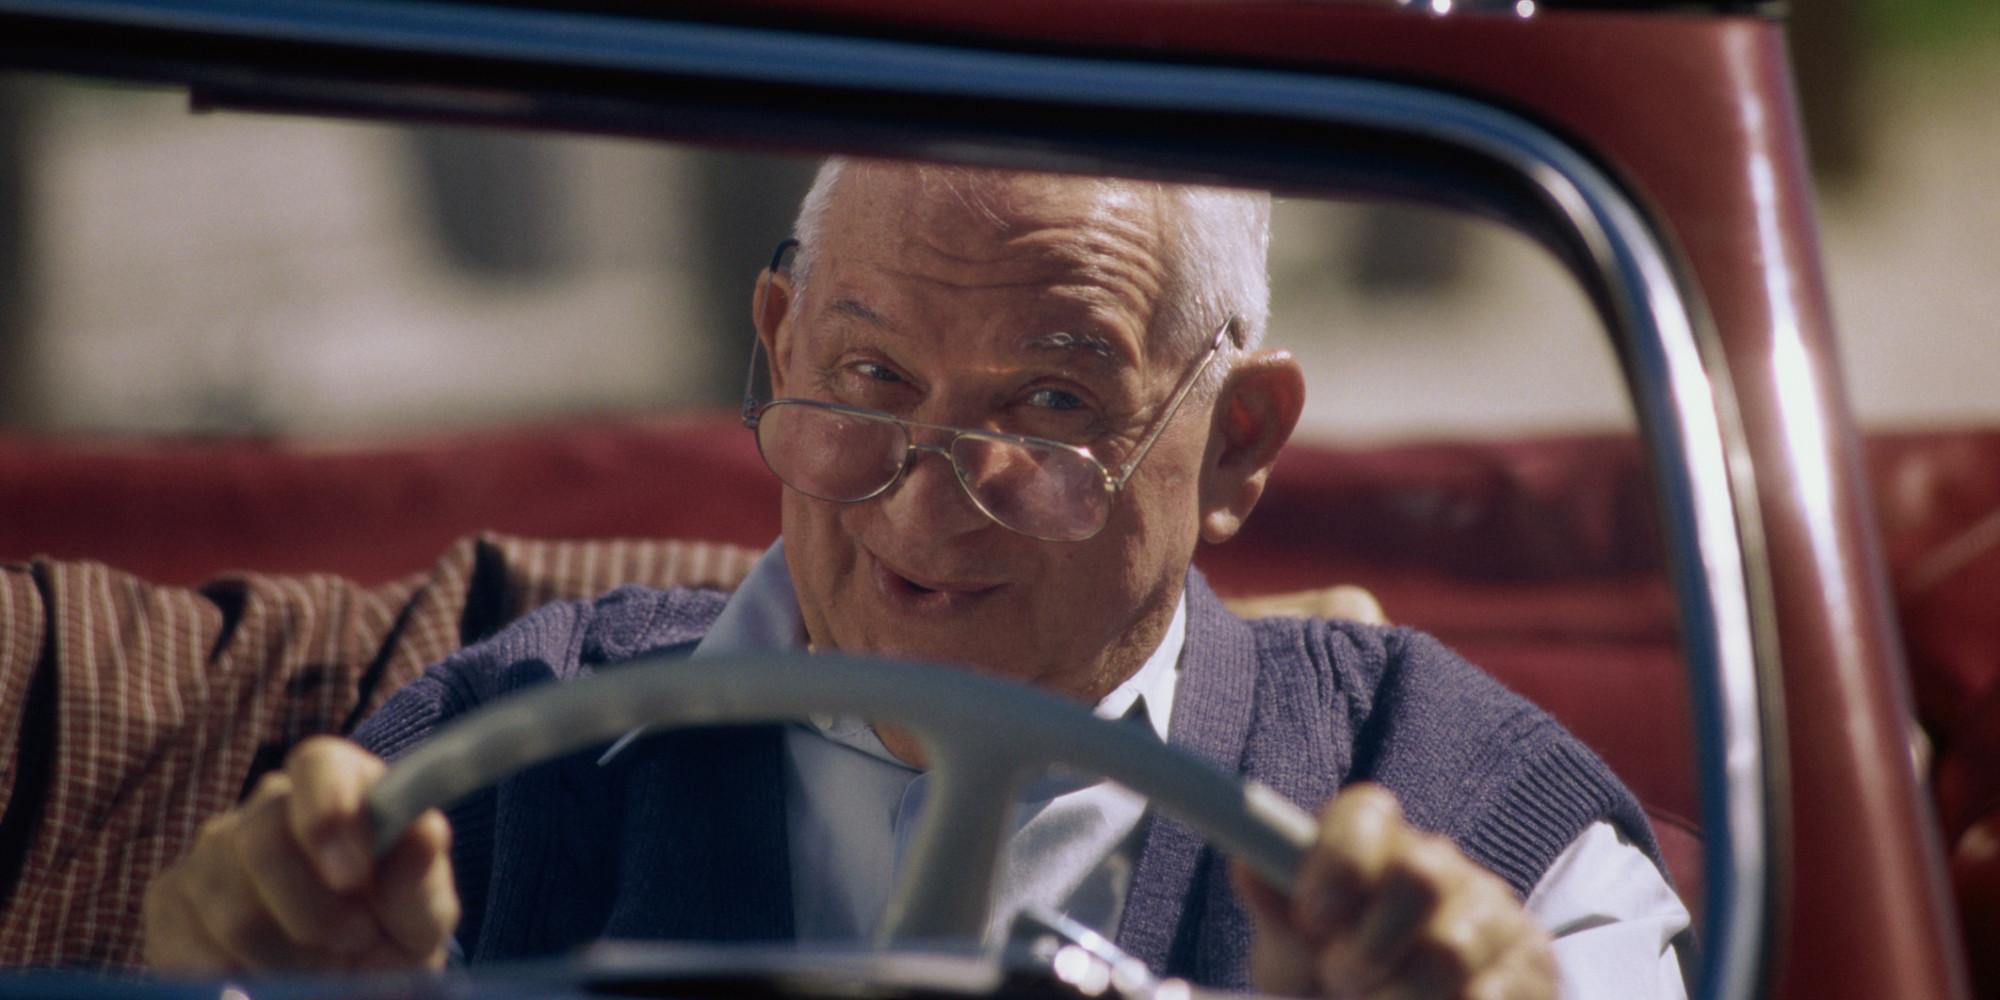 Rentner muss Führerschein abgeben - und fährt trotzdem weiter